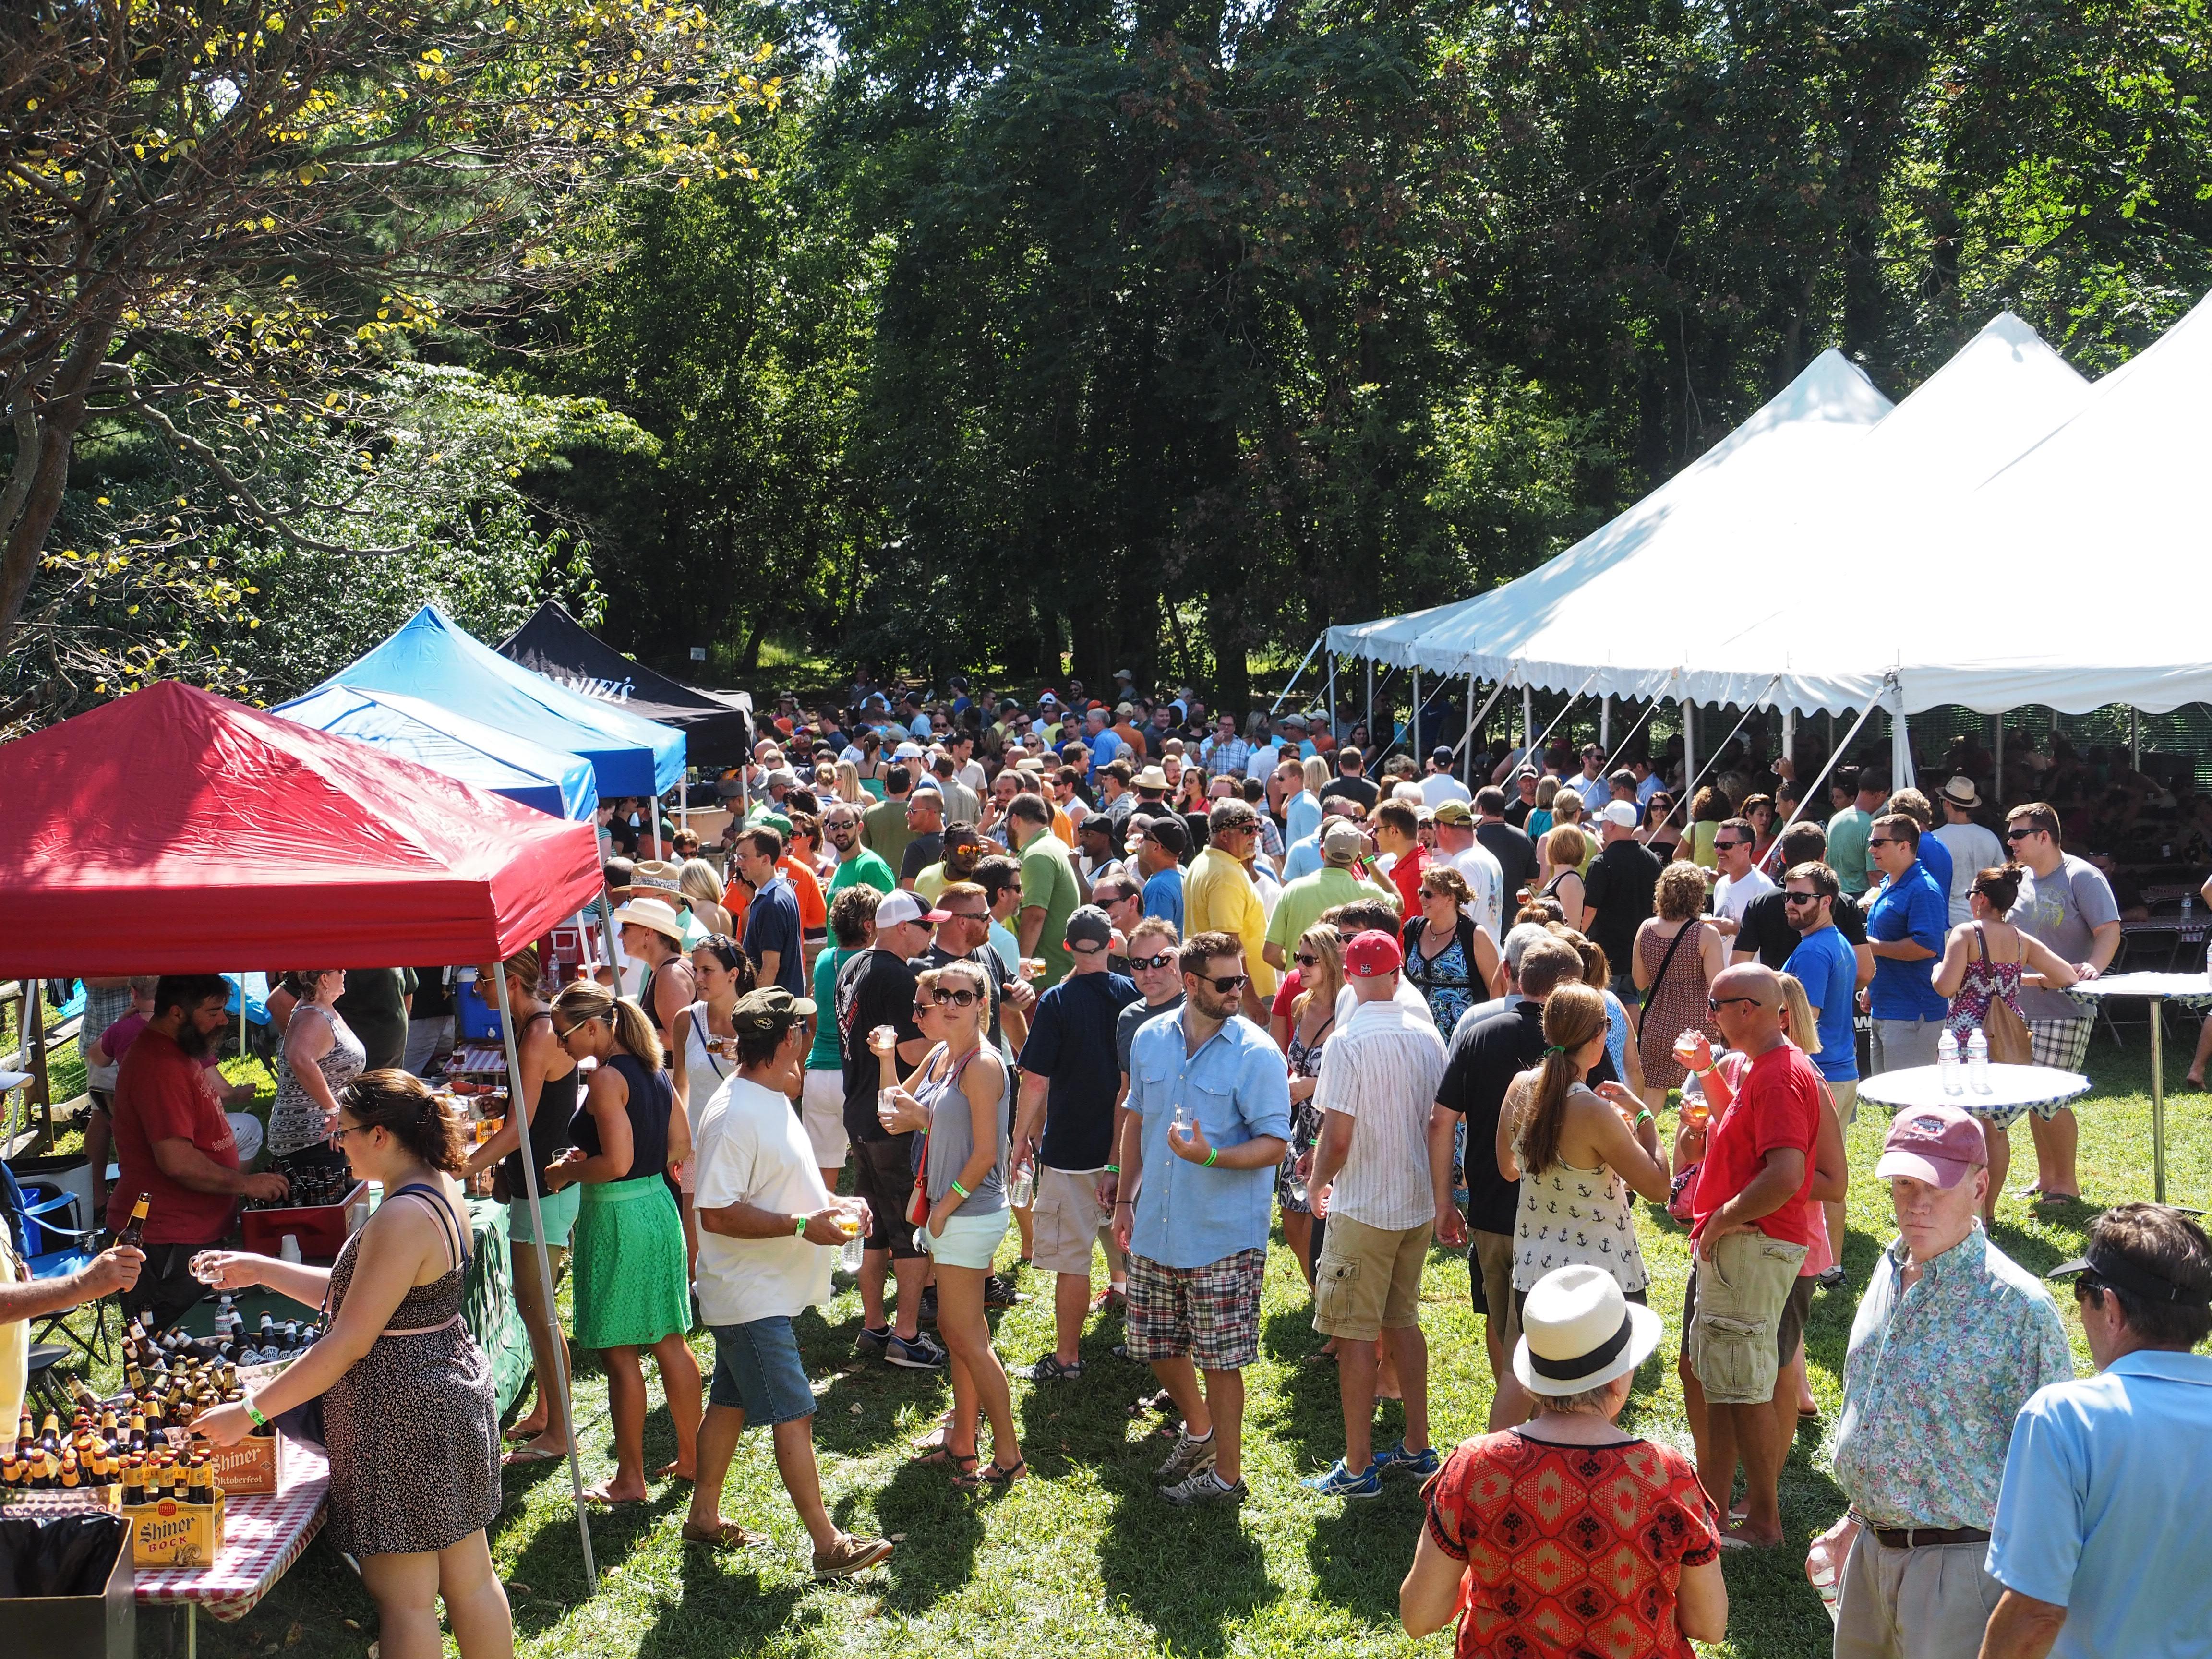 Odessa Brewfest 2014